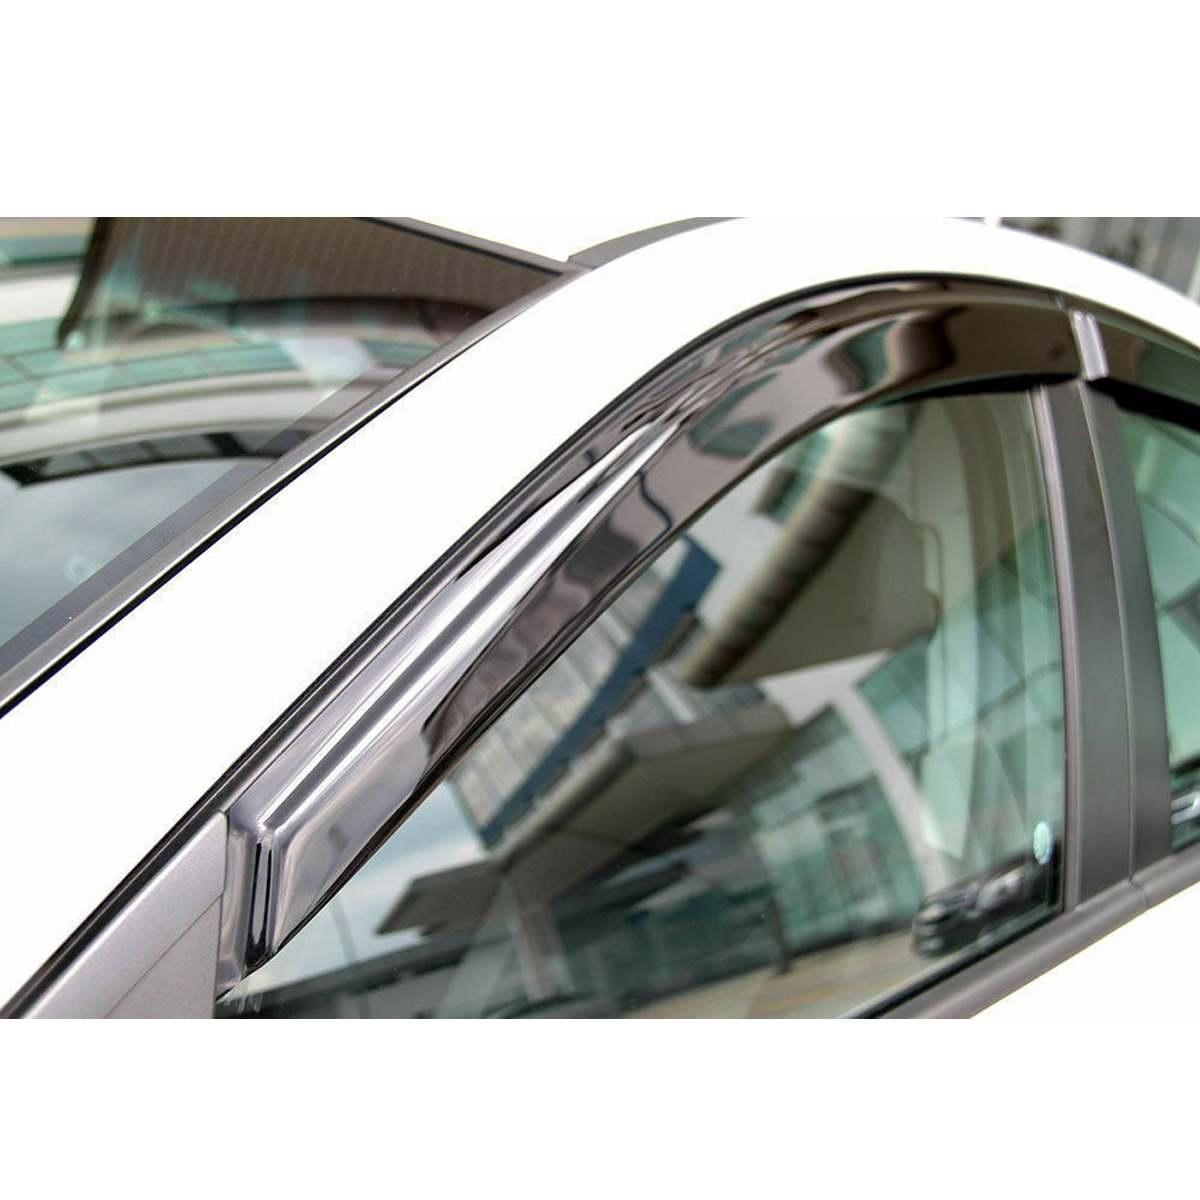 Déflecteur de pare-brise de fenêtre 4 pièces/ensemble garnitures chromées déflecteurs d'ombre de soleil d'évent pour Toyota RAV4 2019 ~ 2020 - 2